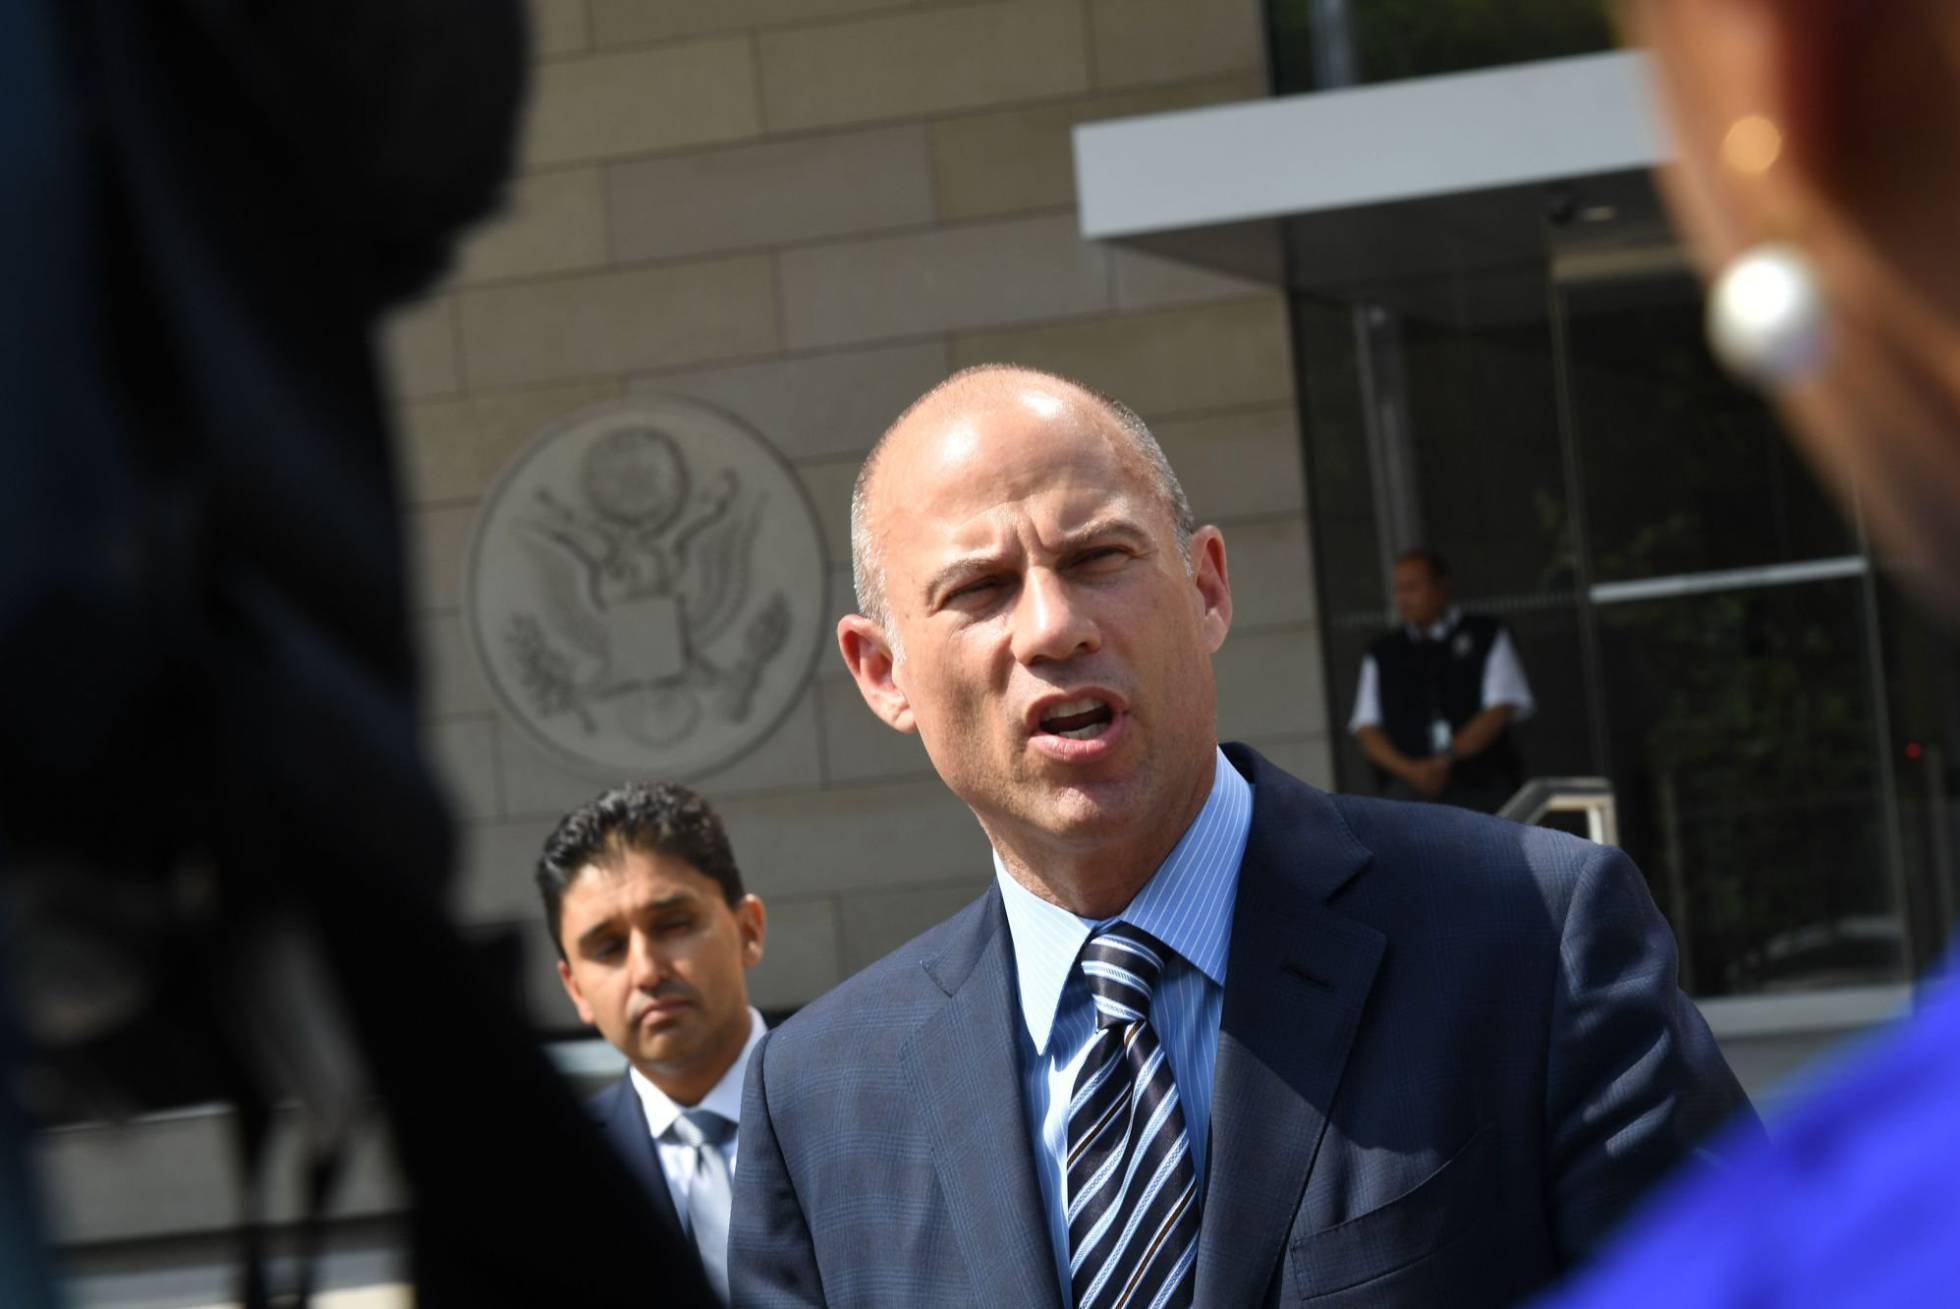 El abogado Michael Avenatti, azote de Trump, detenido por violencia machista